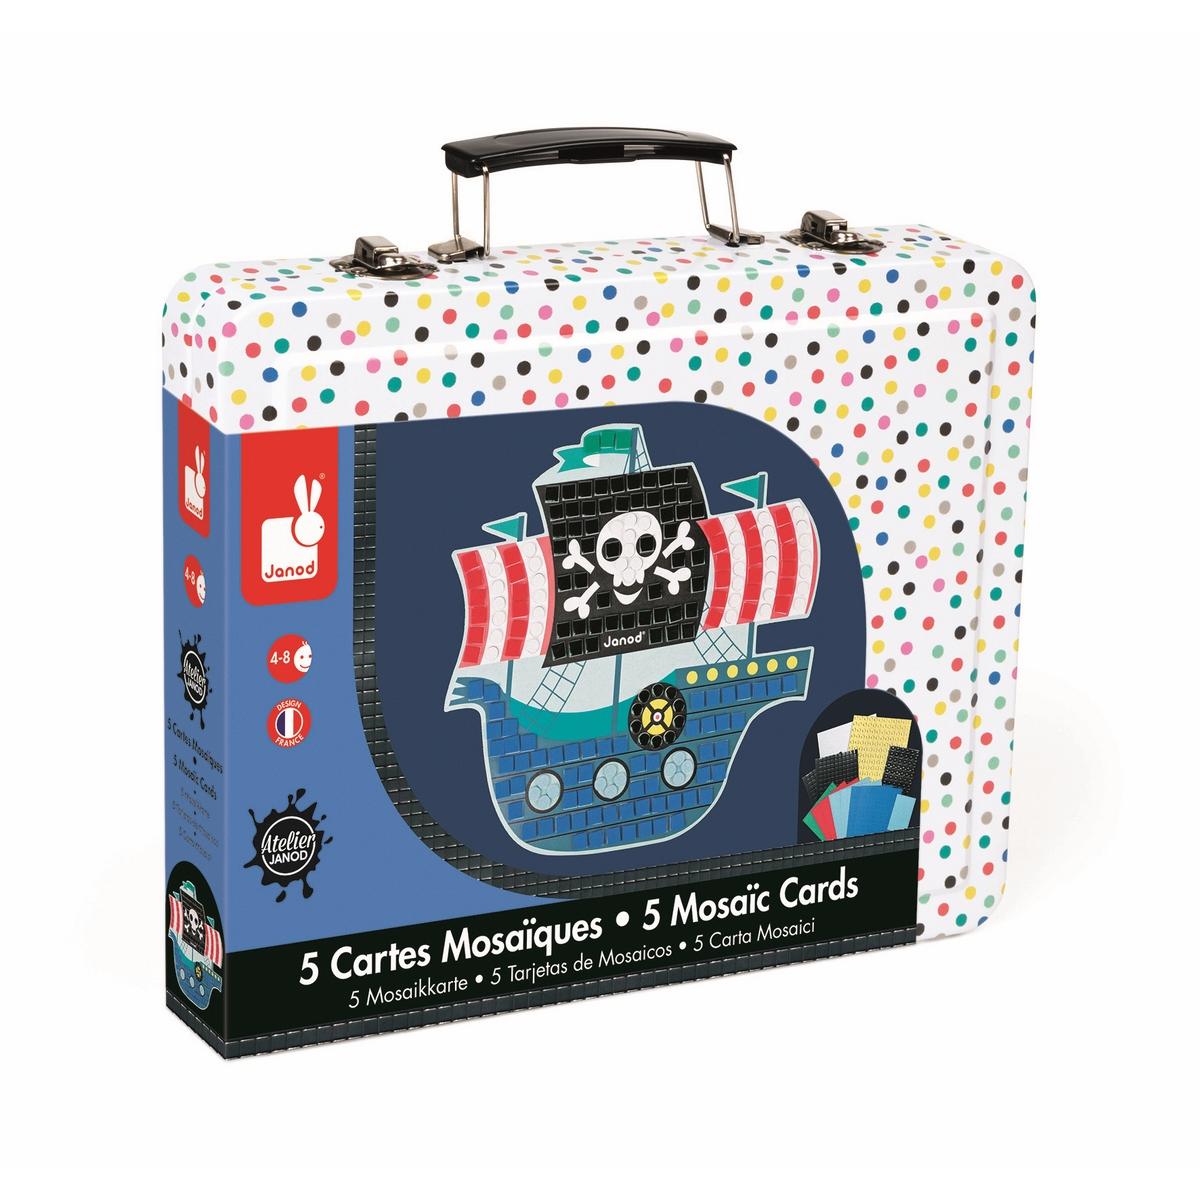 5 пронумерованных цветных заготовок - картинок, 4 листа цветных квадратных наклеек мозаика (7x7 мм.), 2 листа цветных круглых наклеек мозайка (O 5 мм.), 1 лист цветных, блестящих, квадратных наклеек мозаика (7x7 мм.), 2 листа цветных, блестящих круглых наклеек мозайка (O 5 мм.), 1 удобный чемоданчик для хранения.